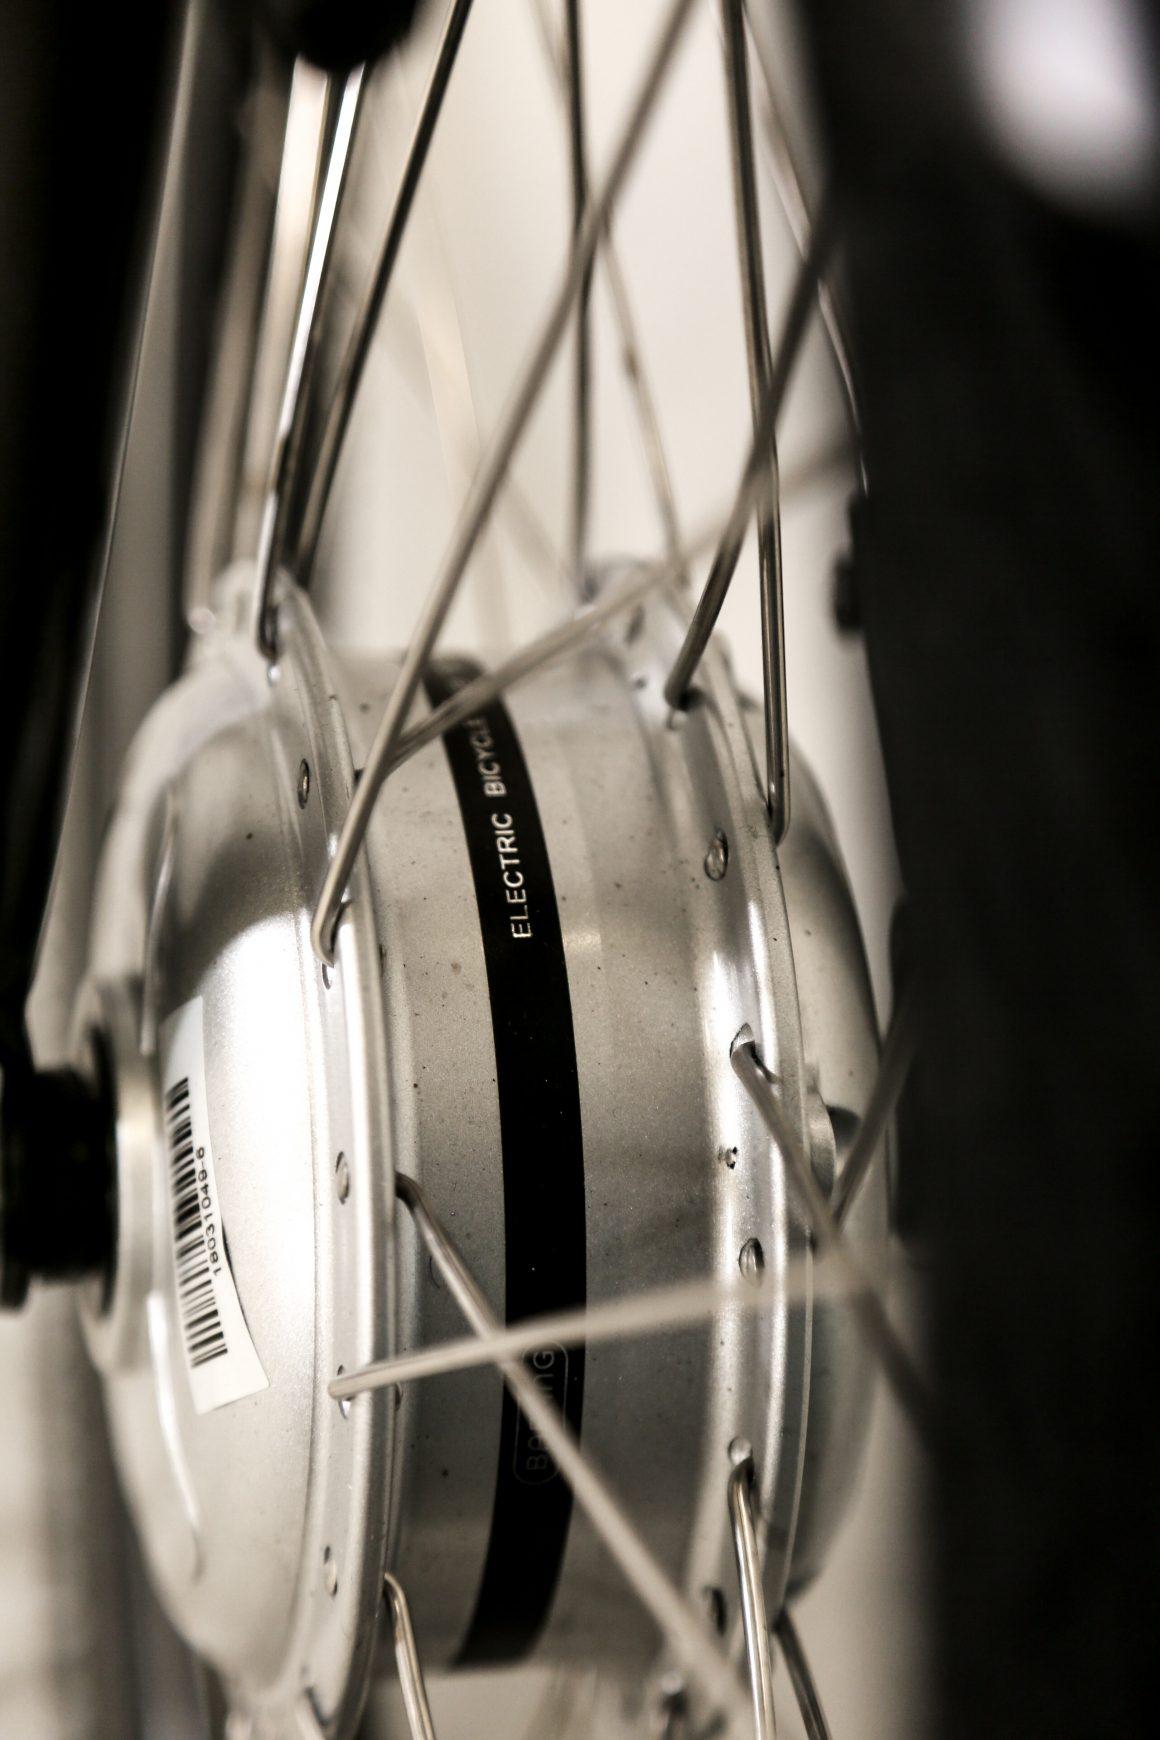 Moteur roue avant de vélo électrique